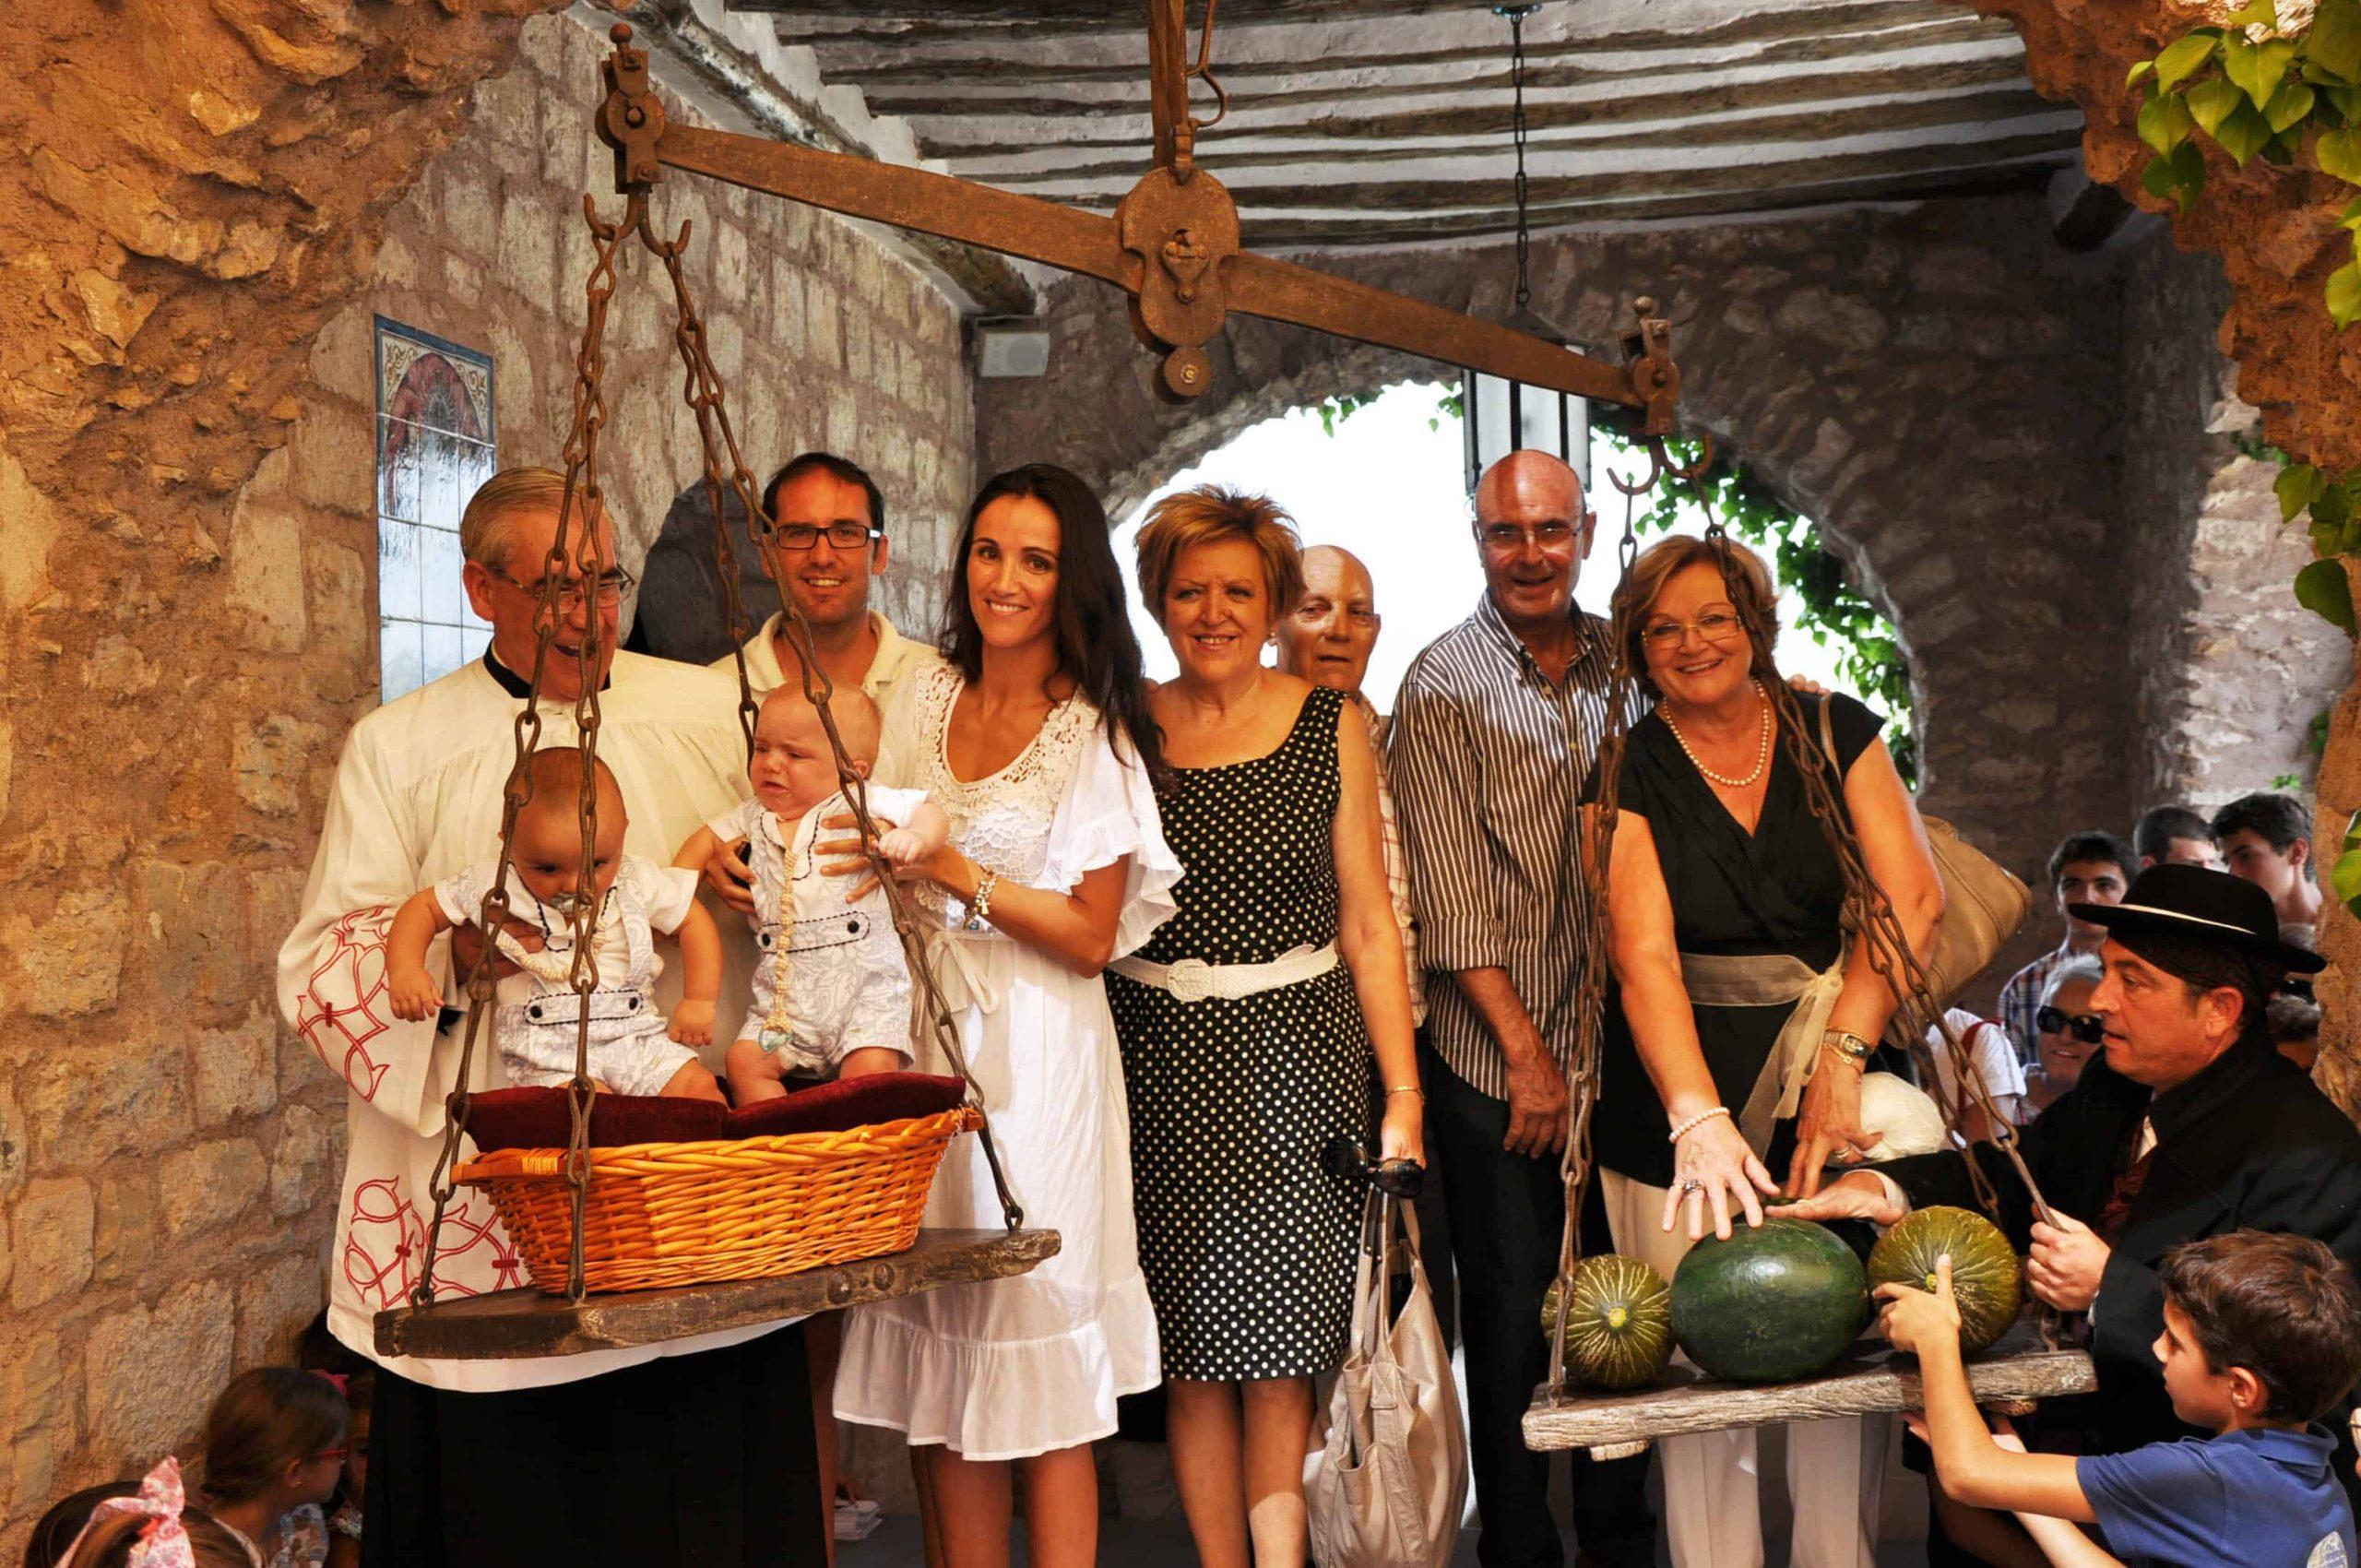 familia_salinas_de_barbastro_con_sus_gemelos.jpg